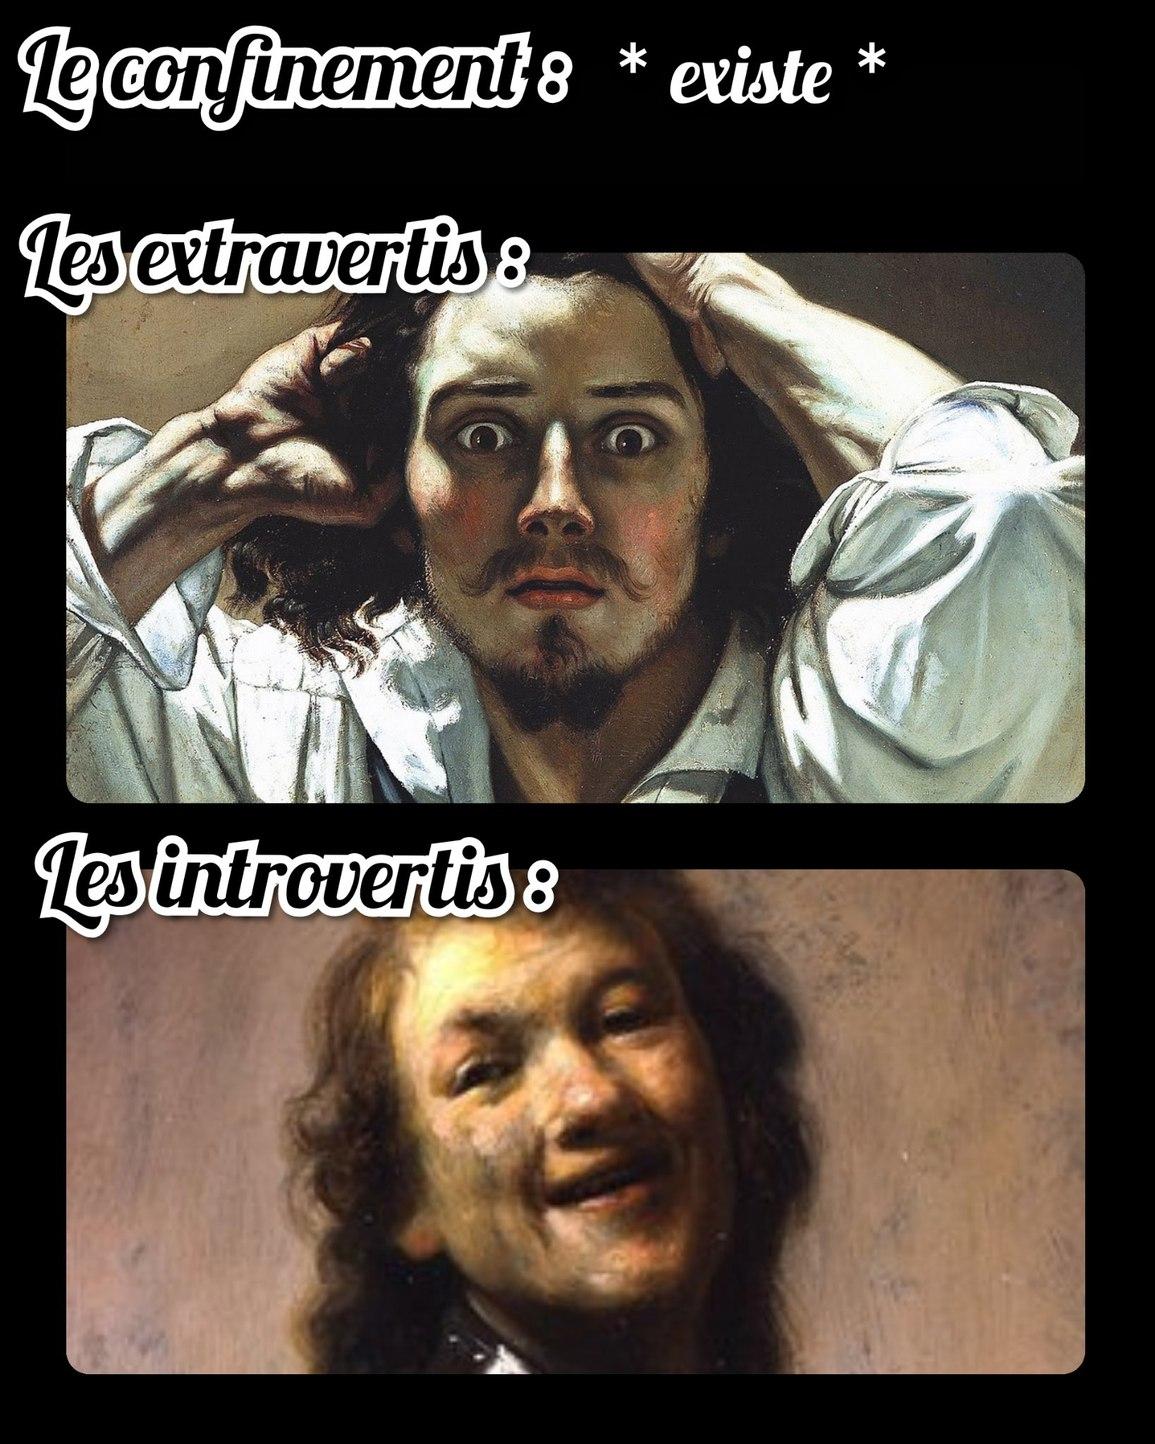 Bien heureux les introvertis - meme